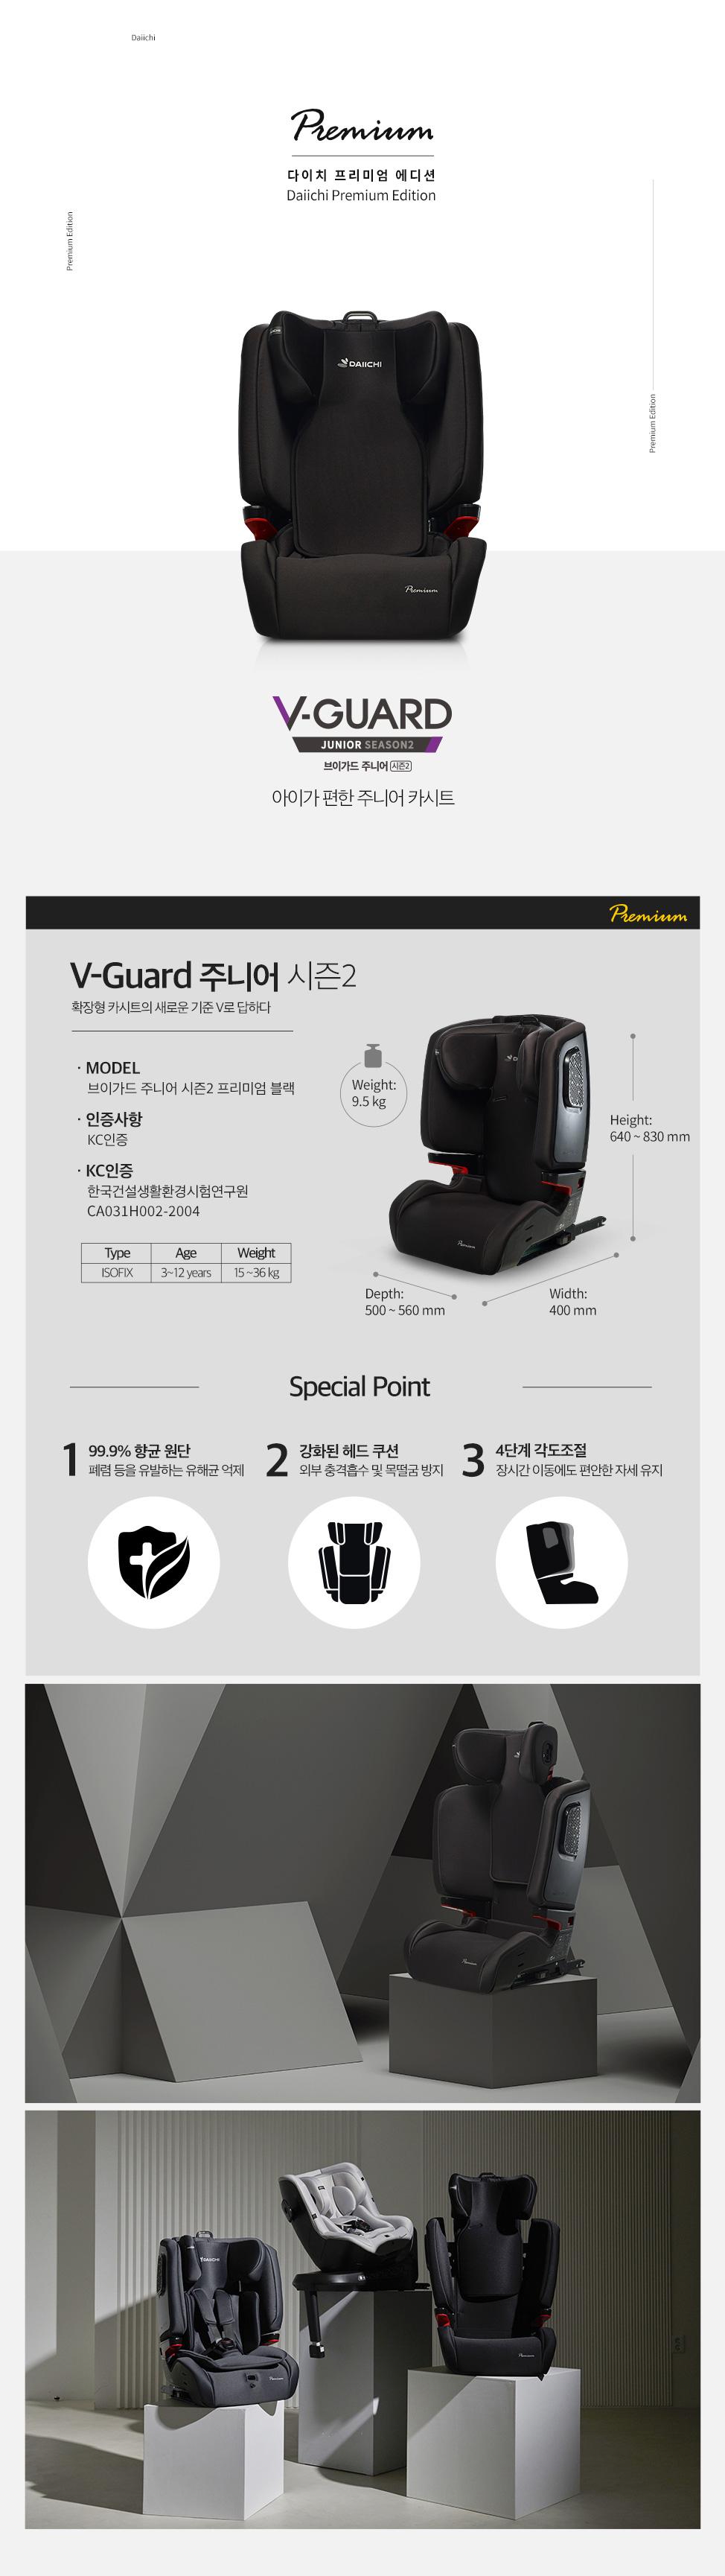 vguard2_j_pe_bk_00.jpg